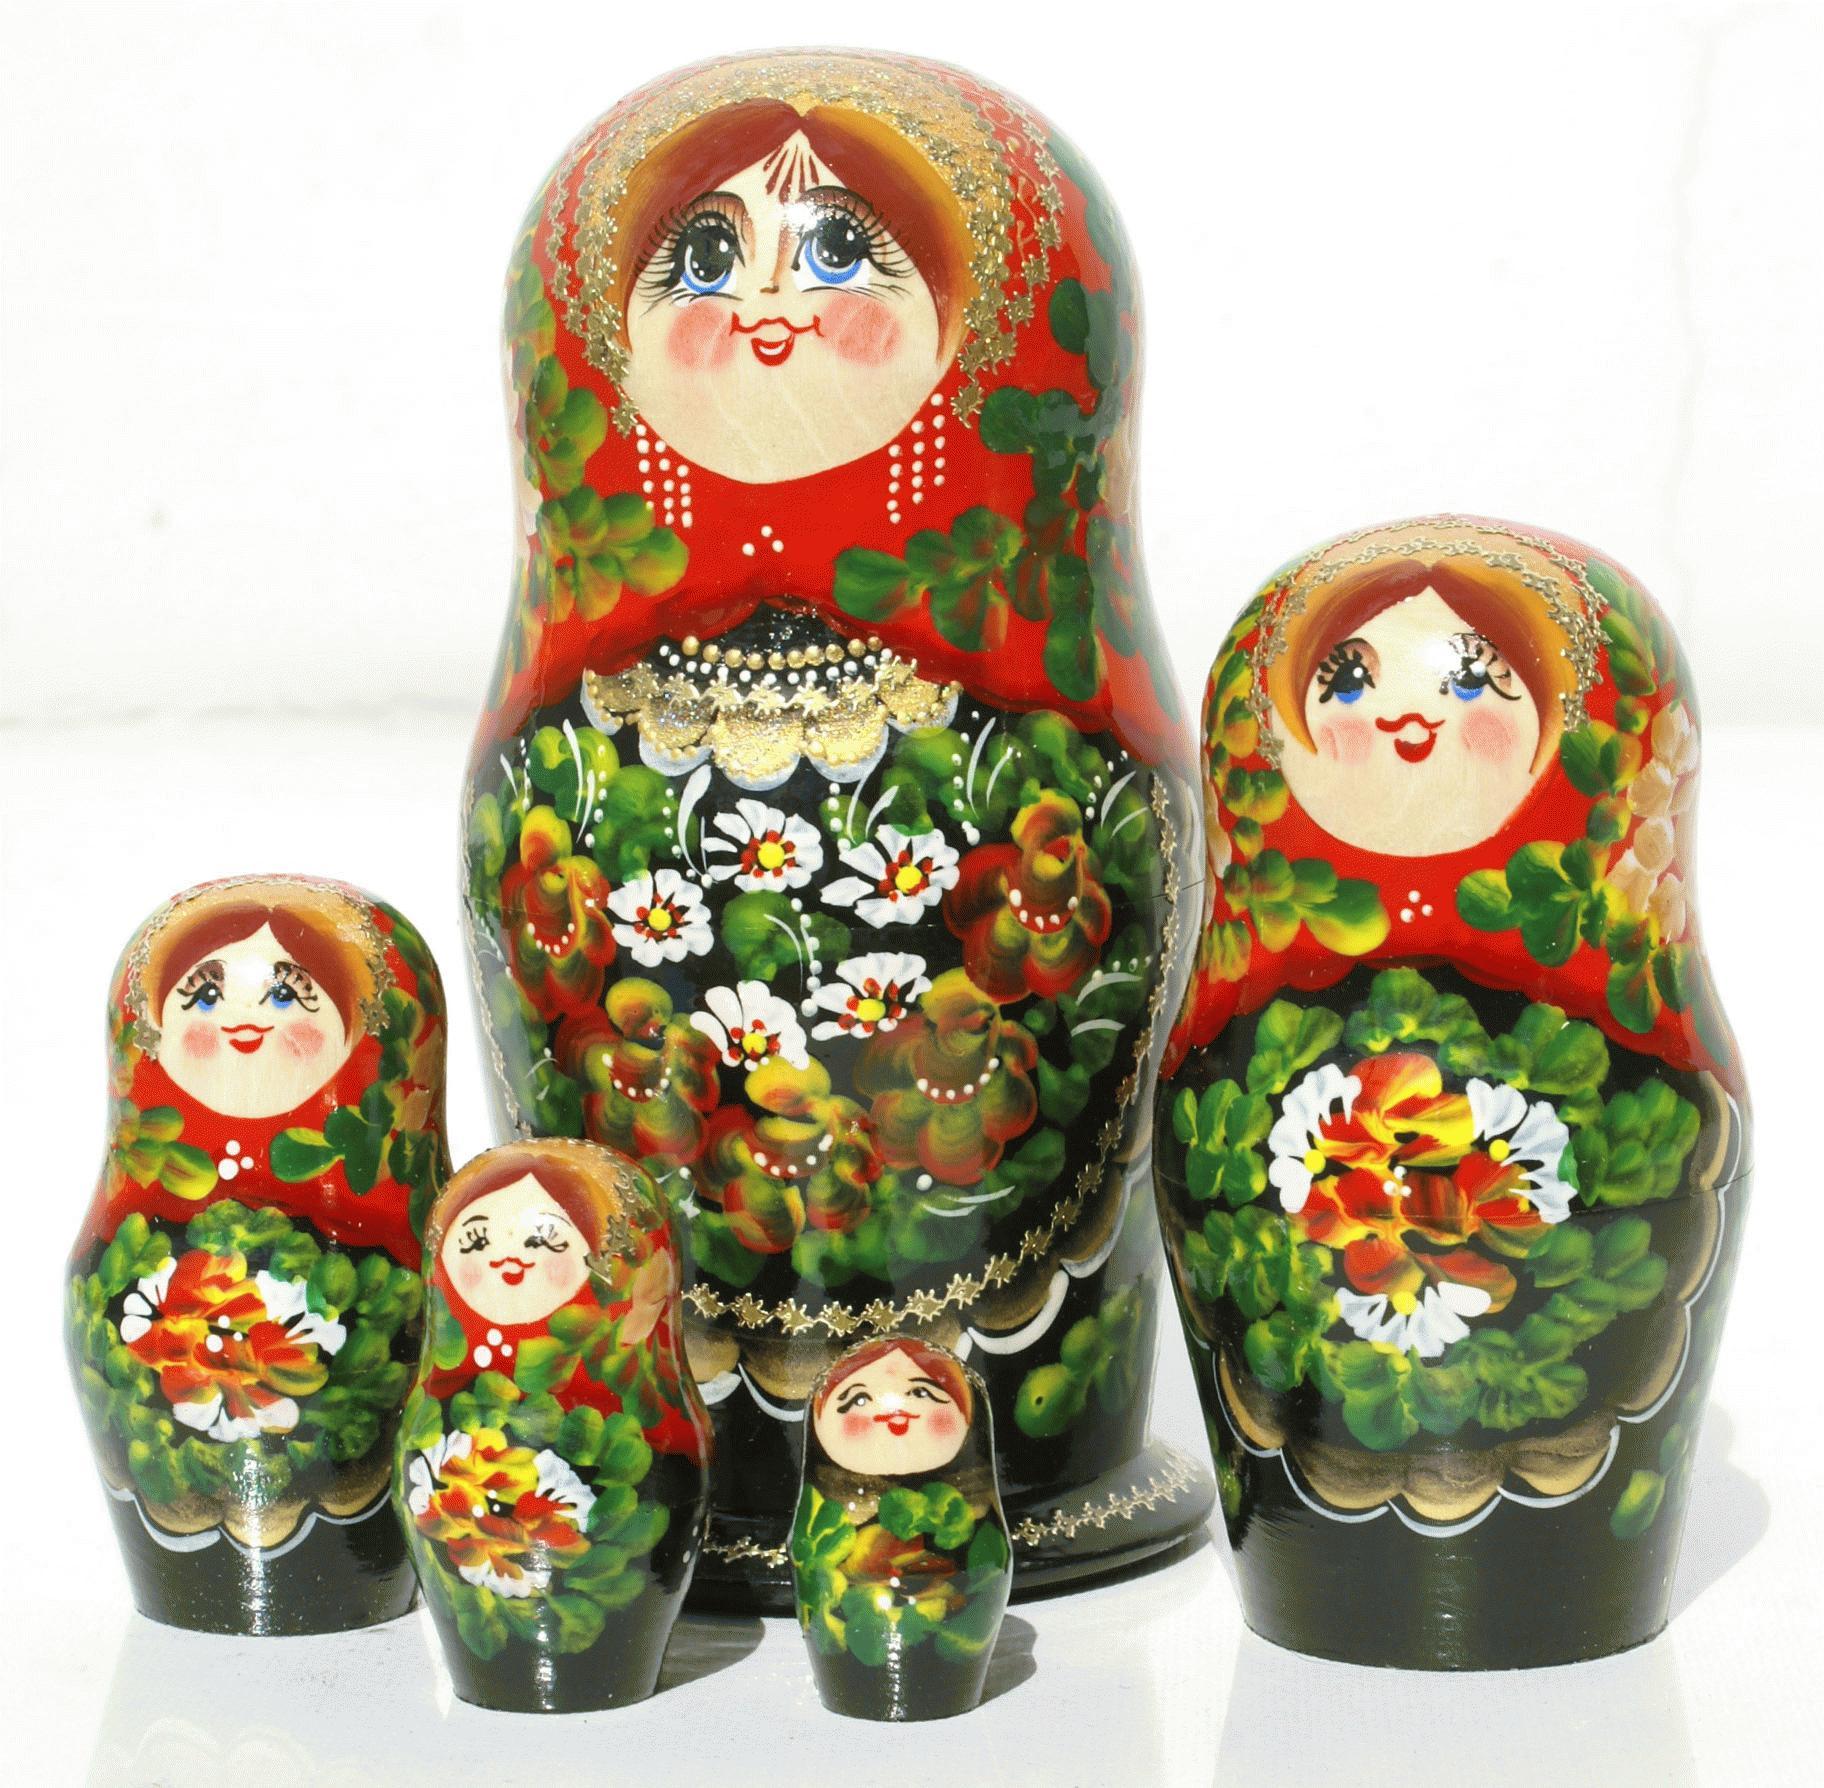 Картинки матрешек русских, овд поздравления